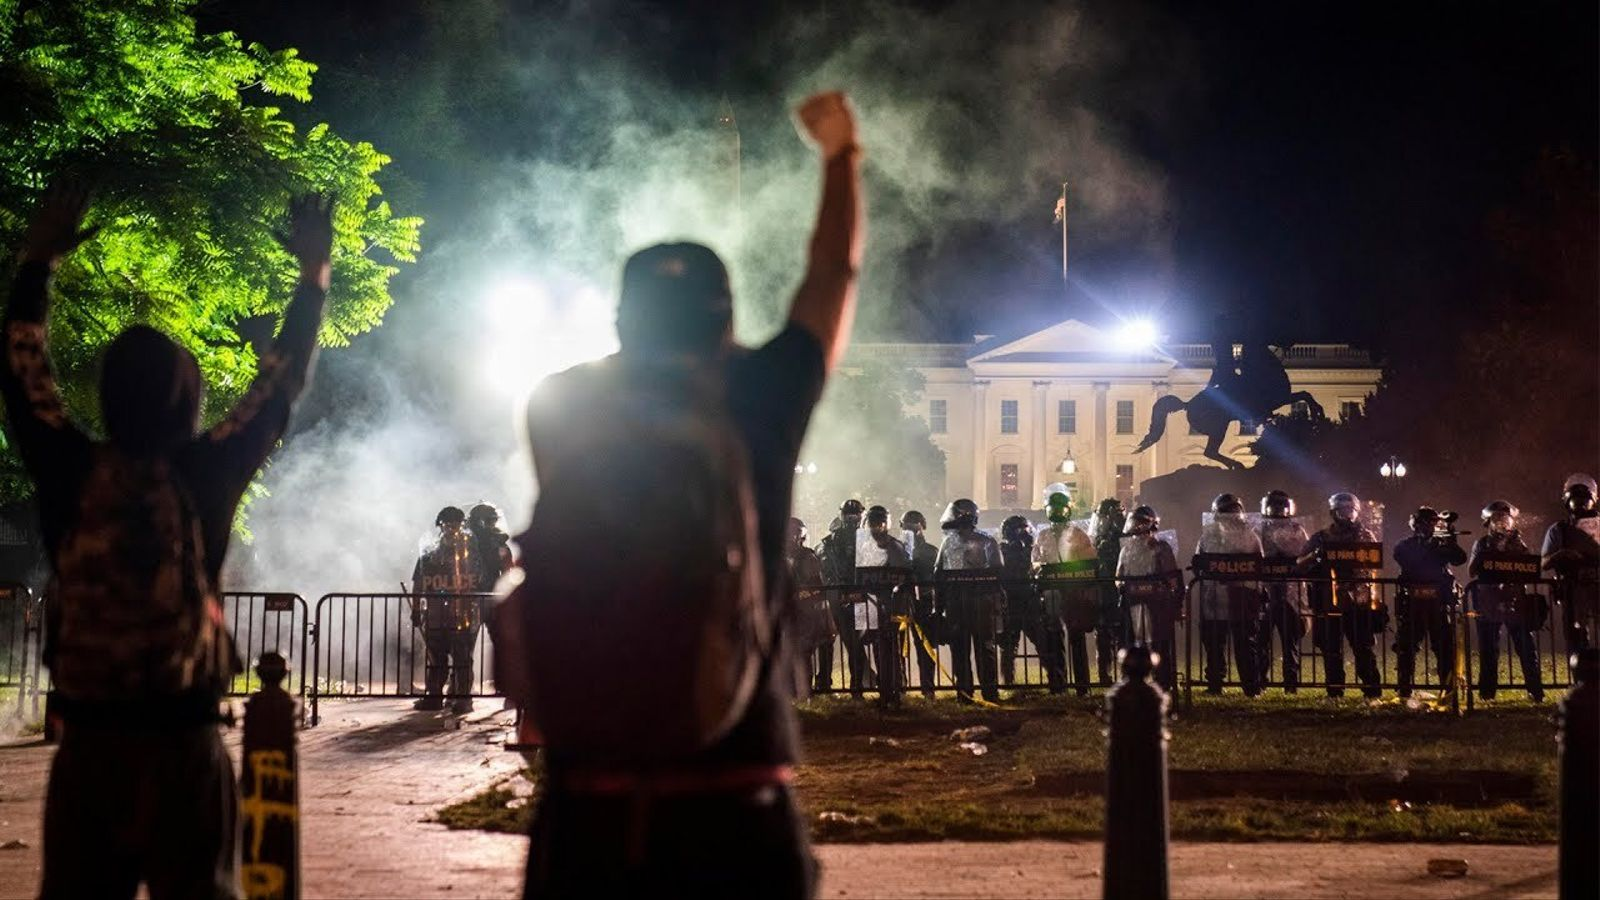 Ciutats de tots els EUA passen una altra nit de protestes i violència, i l'estat d'alarma divideix el Govern: les claus del dia, amb Antoni Bassas (01/06/2020)